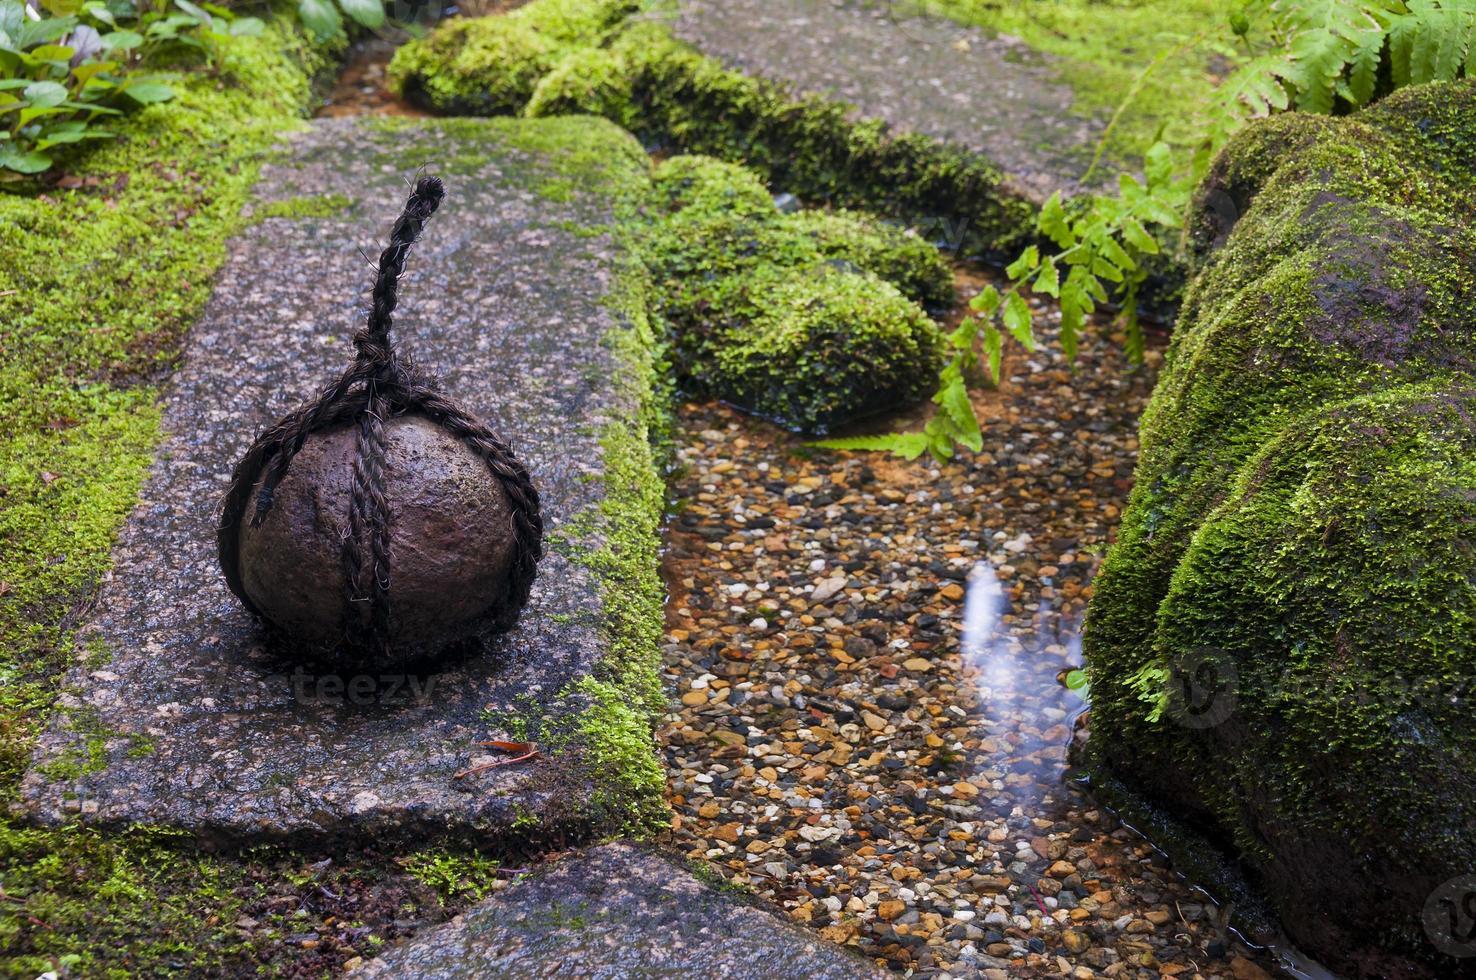 traditionelles japanisches Gewicht im Zen-Garten foto